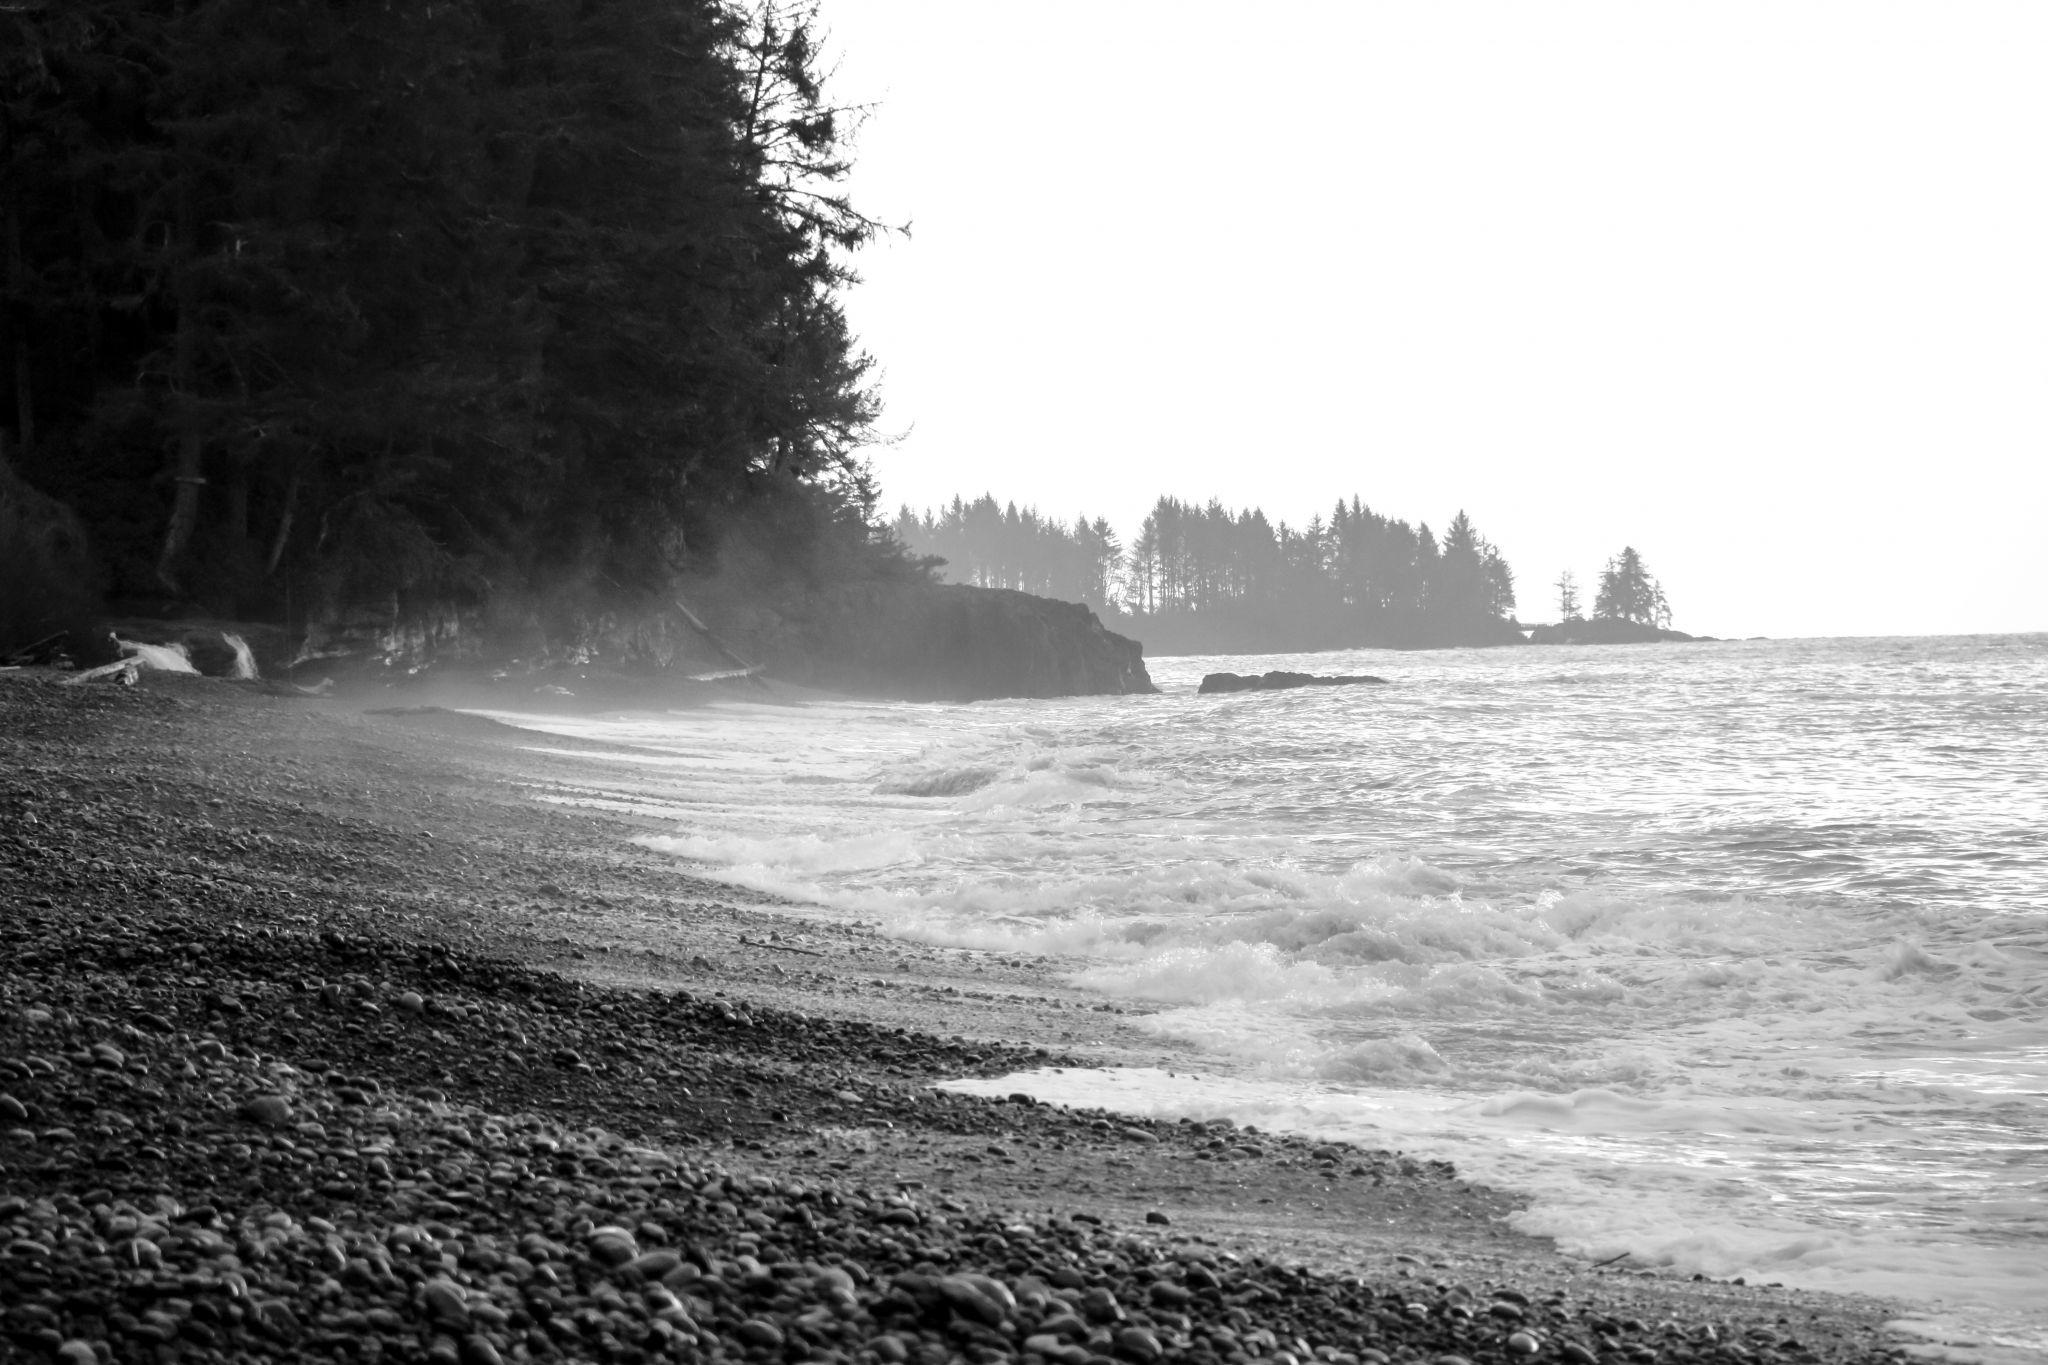 Sandcut beach, Canada